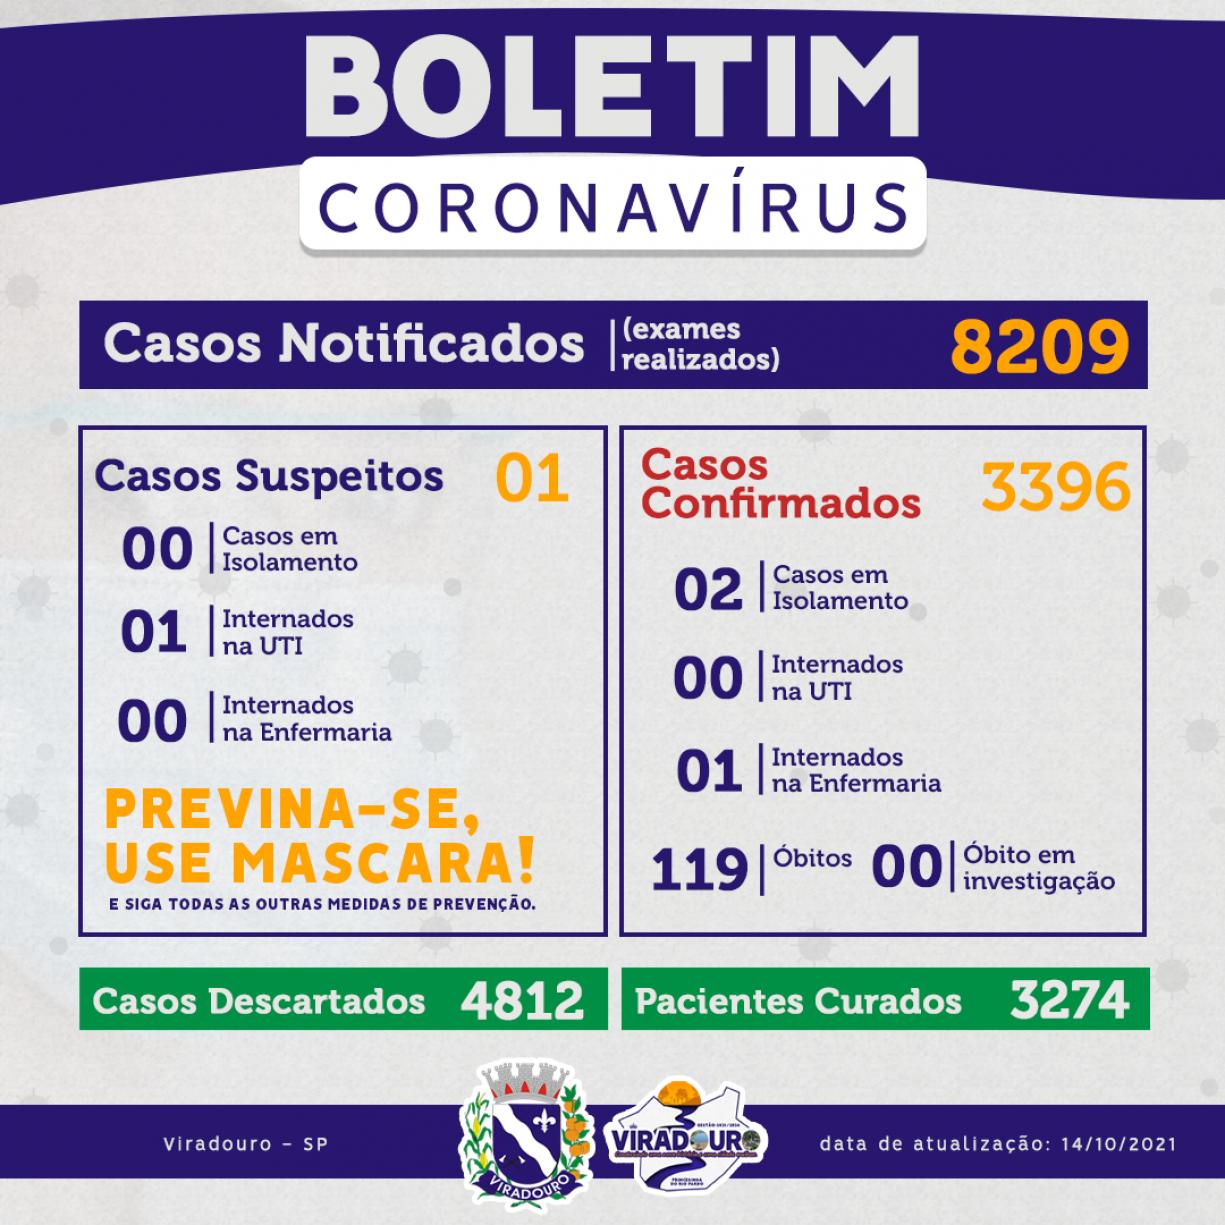 CORONAVÍRUS: BOLETIM EPIDEMIOLÓGICO (ATUALIZAÇÃO 14/10/2021)